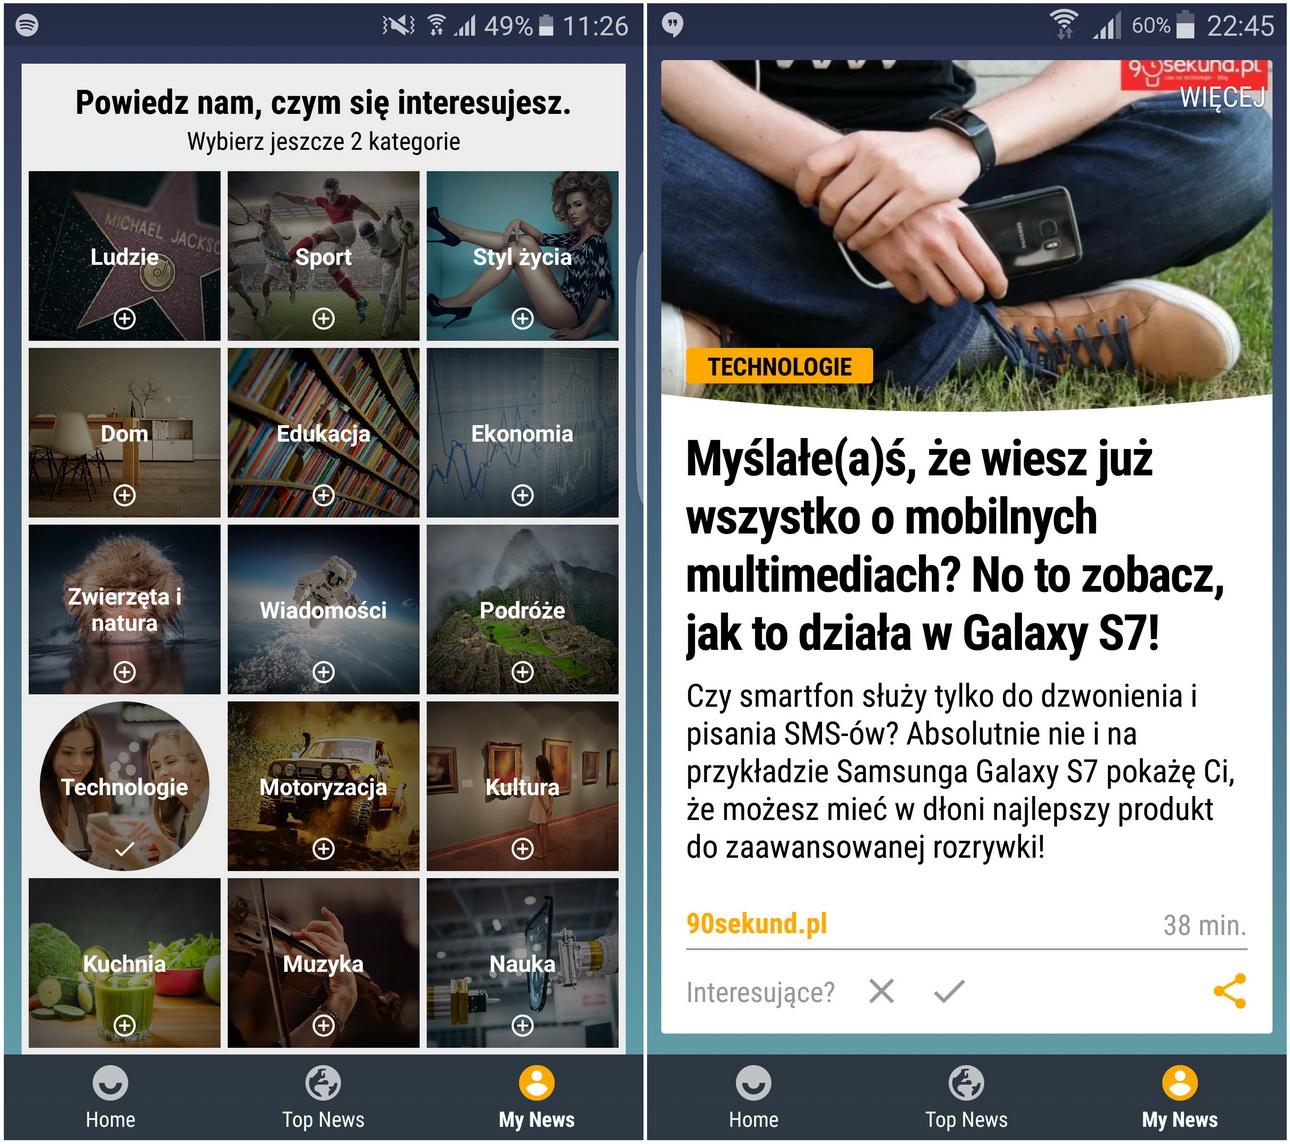 Samsung Galaxy S7 (SM-G935) Upday- recenzja 90sekund.pl